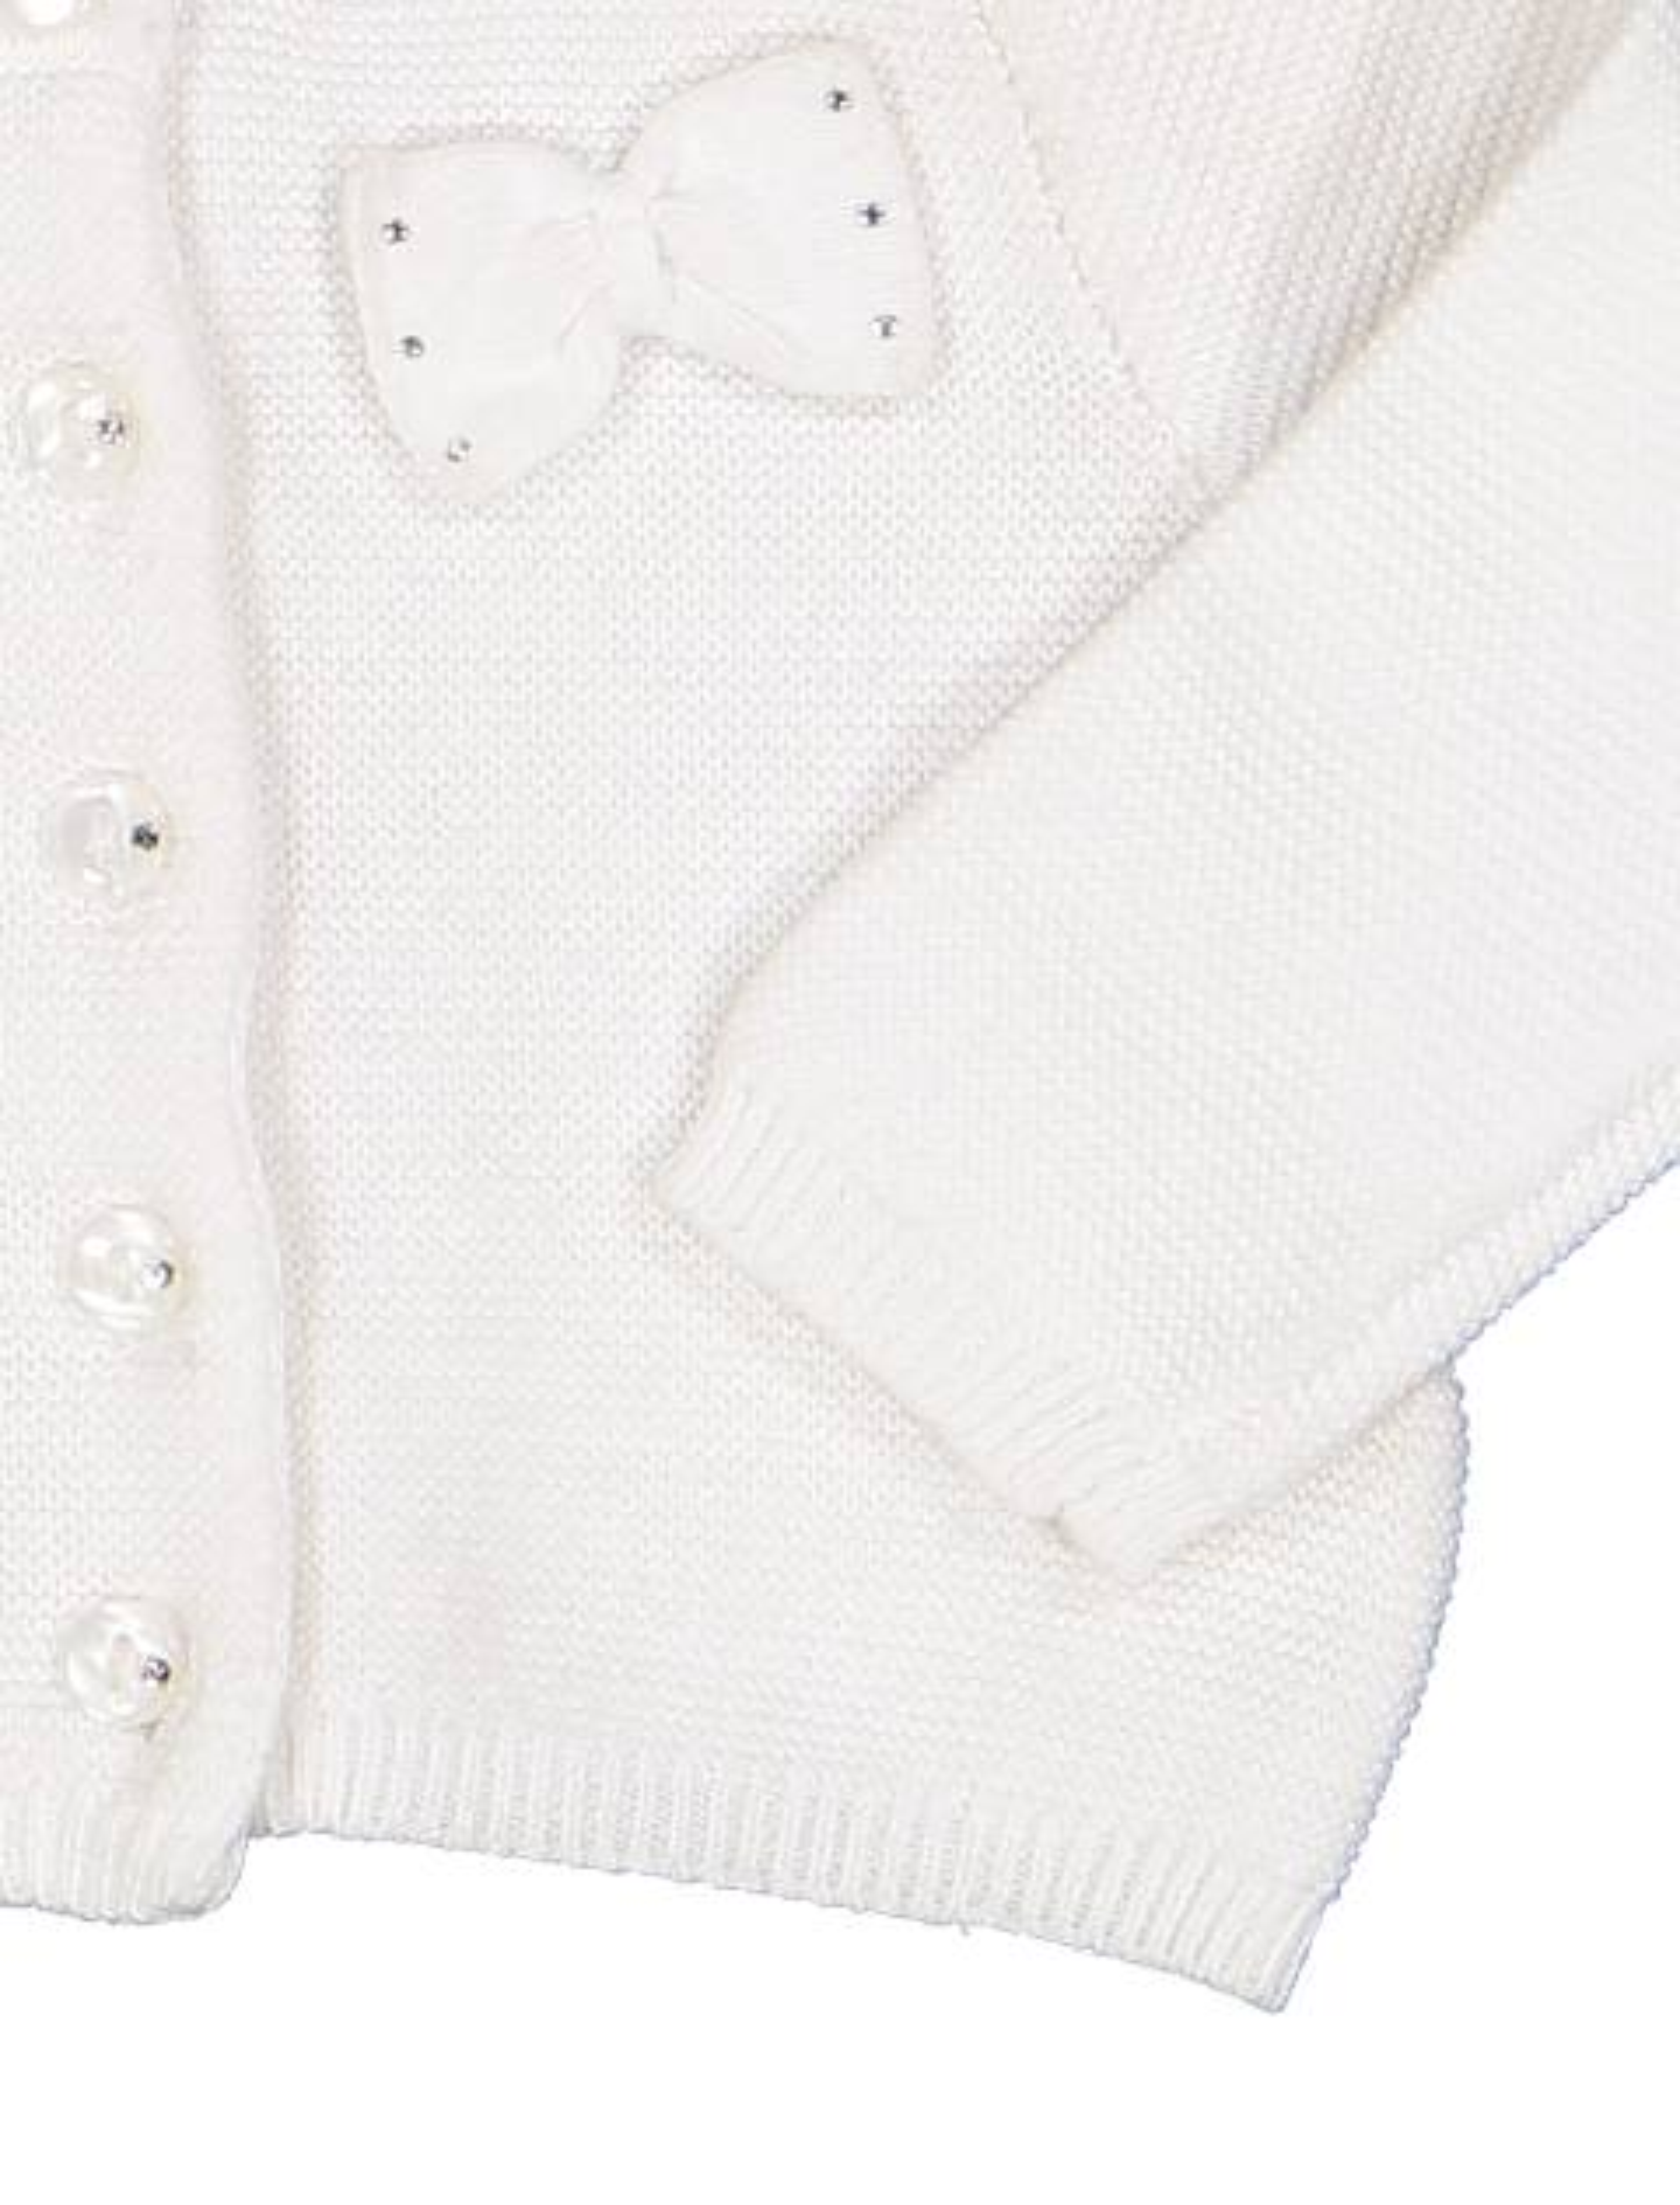 ژاکت نخی دکمه دار نوزادی دخترانه - سفيد - 3